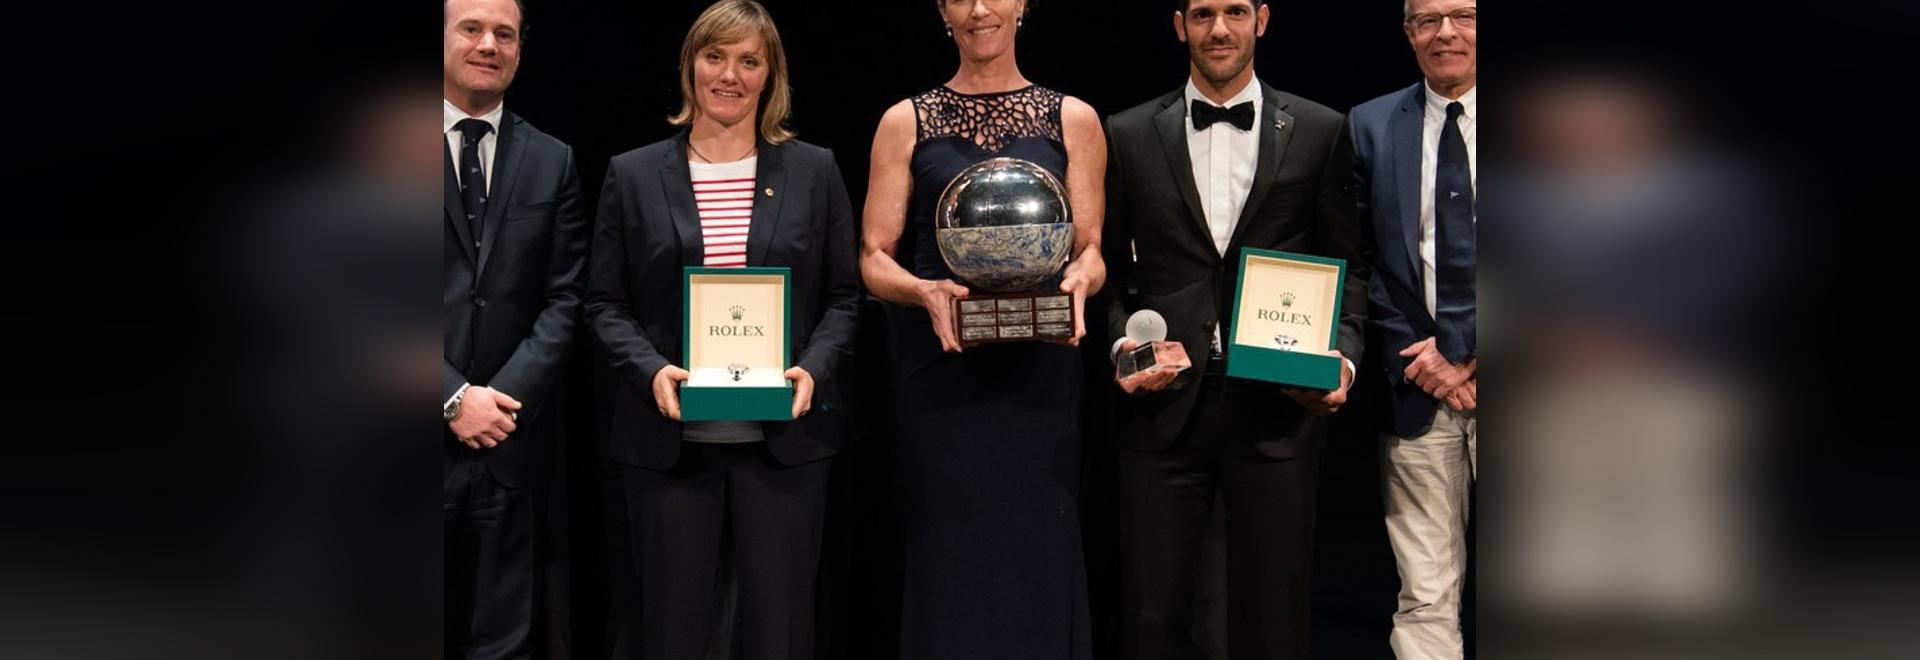 Hervorragende Leistung erkannt an der Welt 2018, die Preise segelt